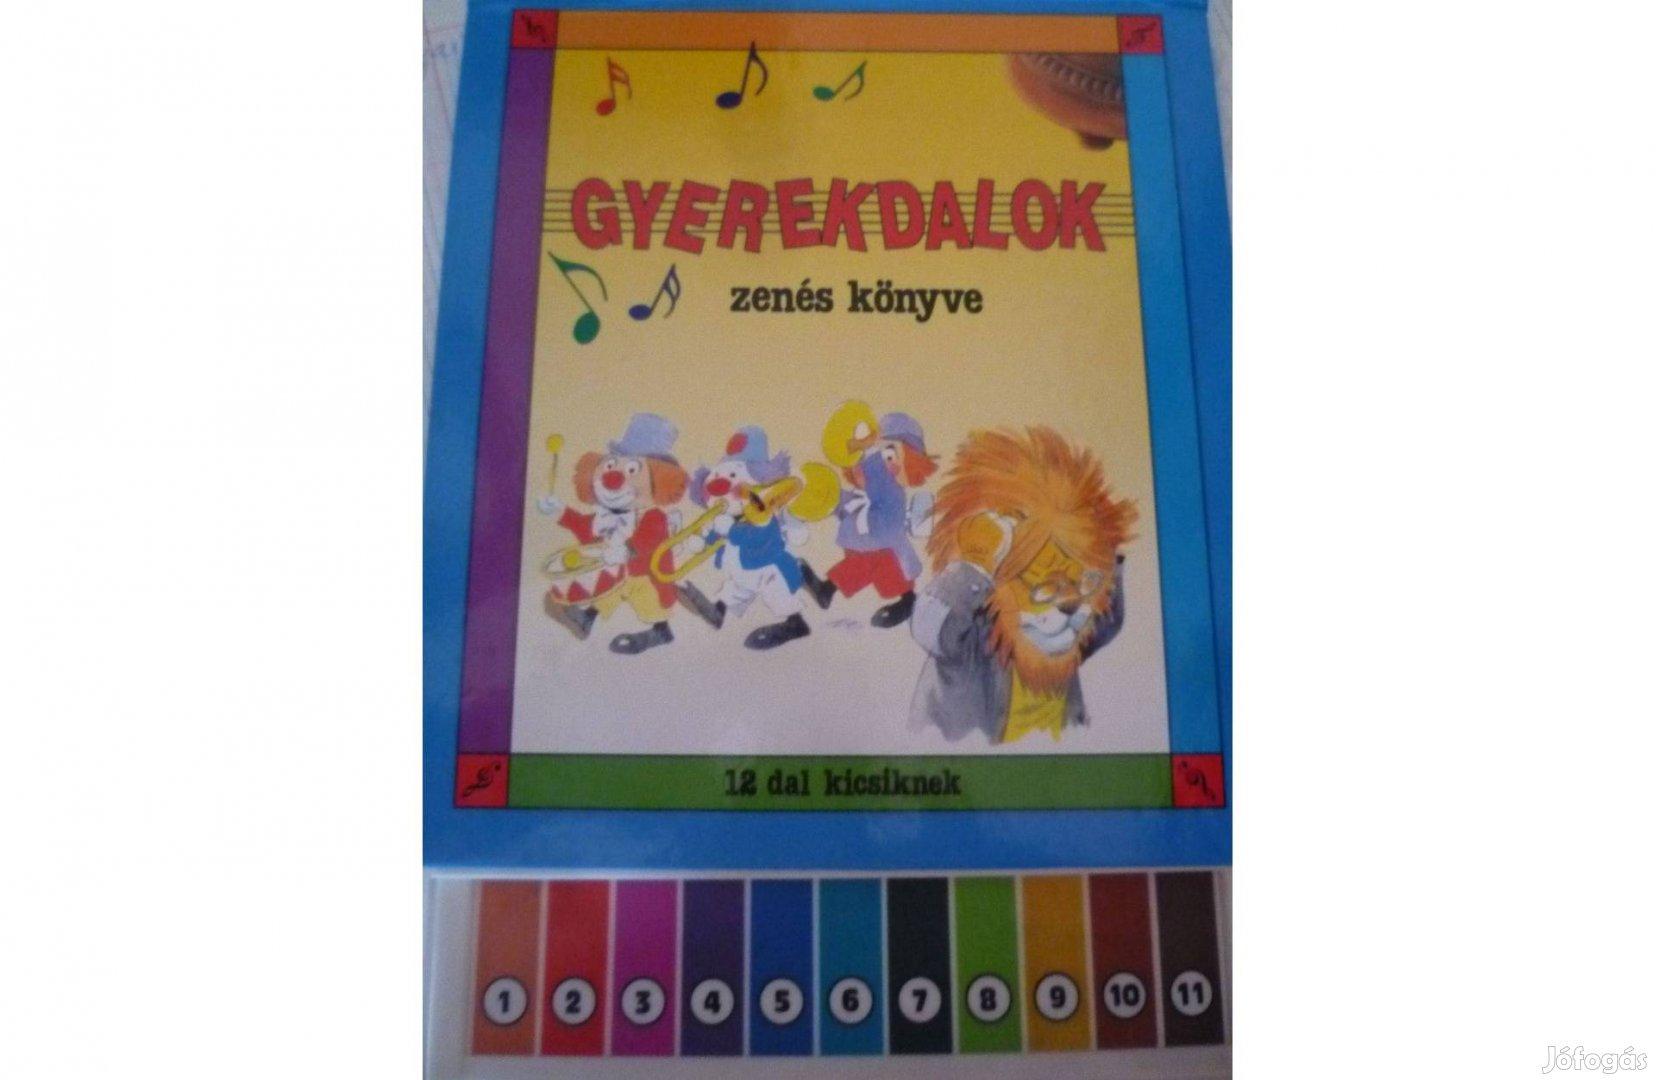 Gyermekdalok zenés könyve 12 db dallal,kottával 1995